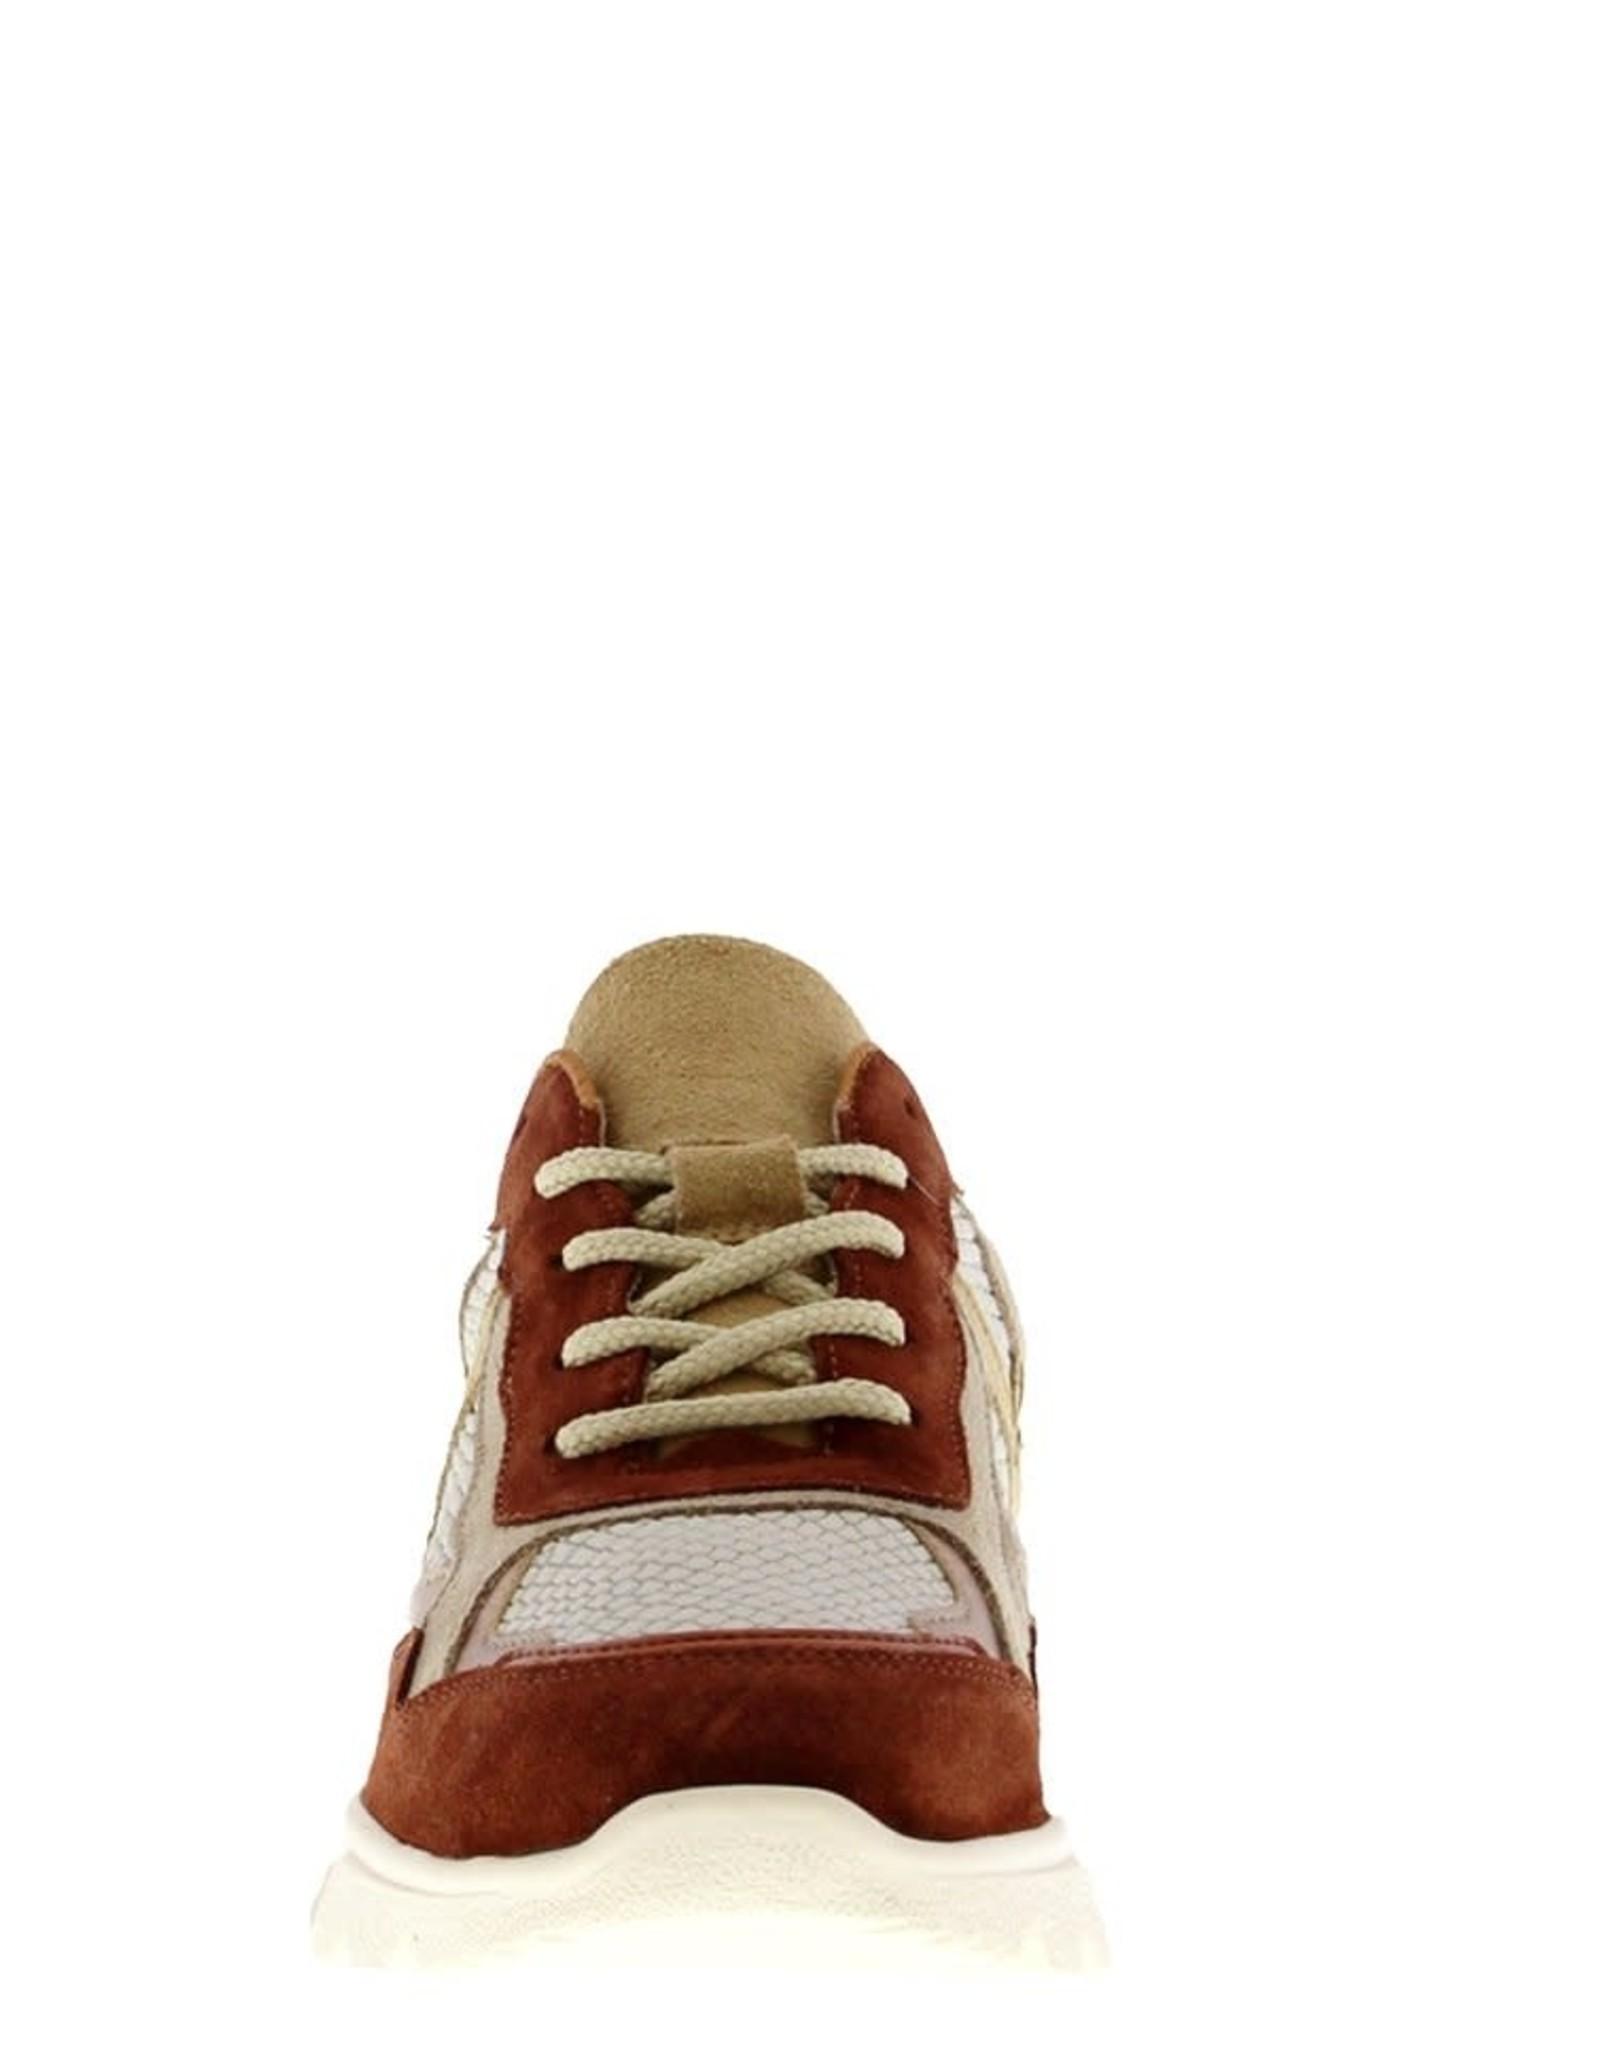 Kady sneakers